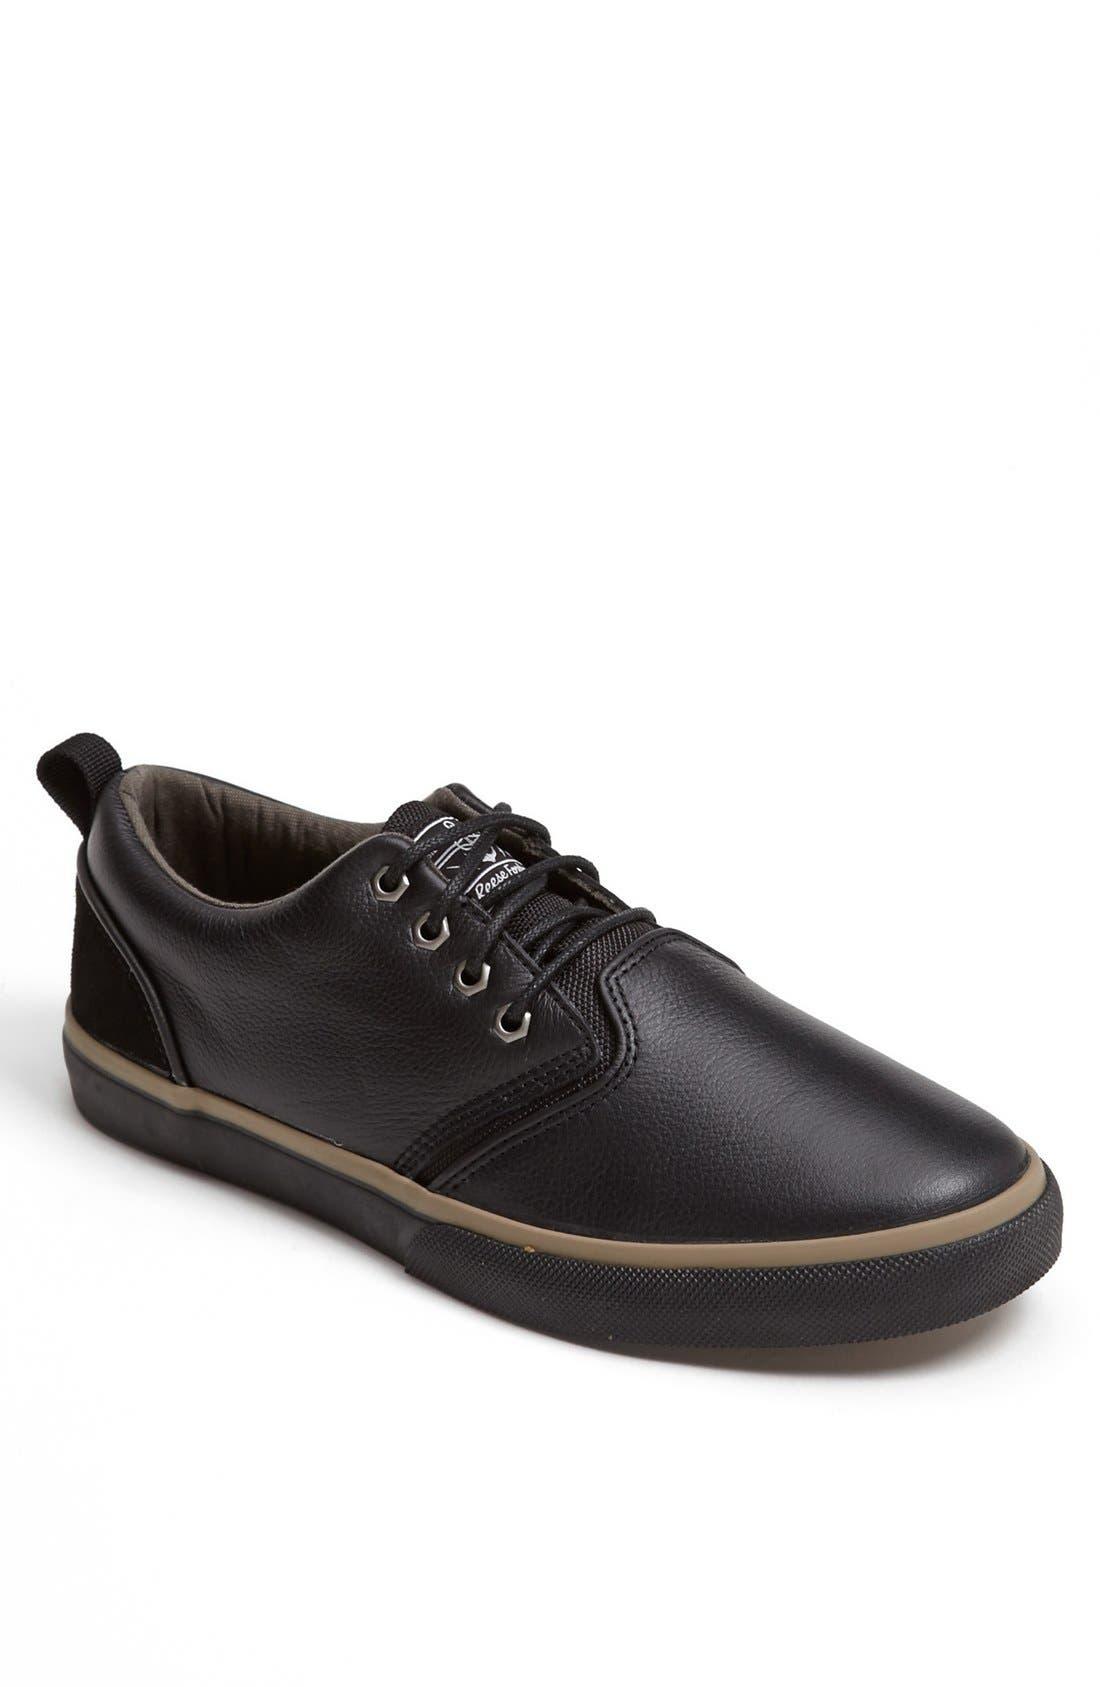 Alternate Image 1 Selected - Quiksilver 'RF1 Low Premium' Sneaker (Men)